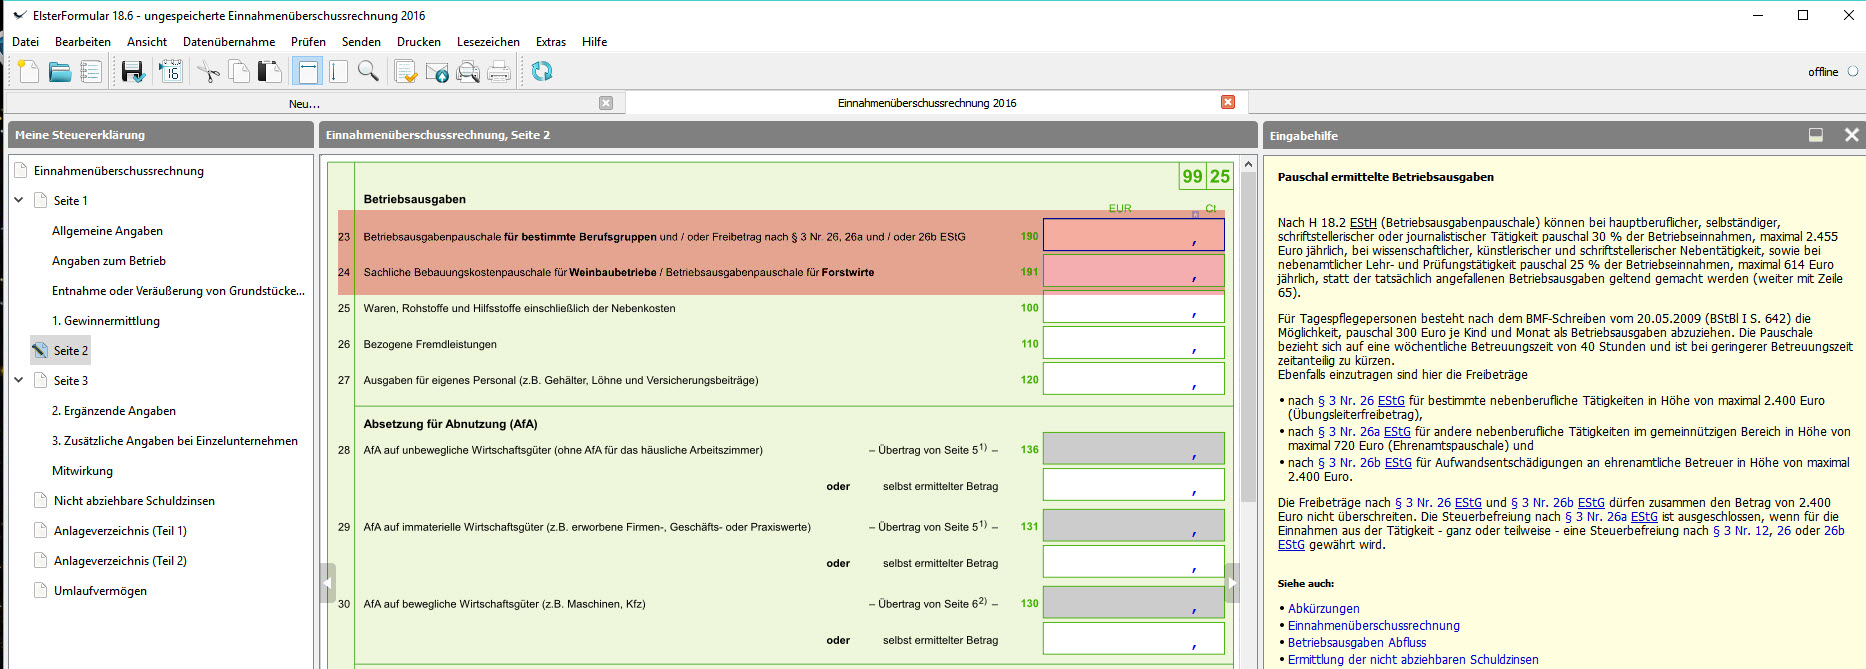 fffb5b1231d33e Seite 2 Zeile 23-24  Betriebs- und Bebauungskostenpauschale für bestimmte  Berufsgruppen Weinbaubetriebe oder Forstwirte